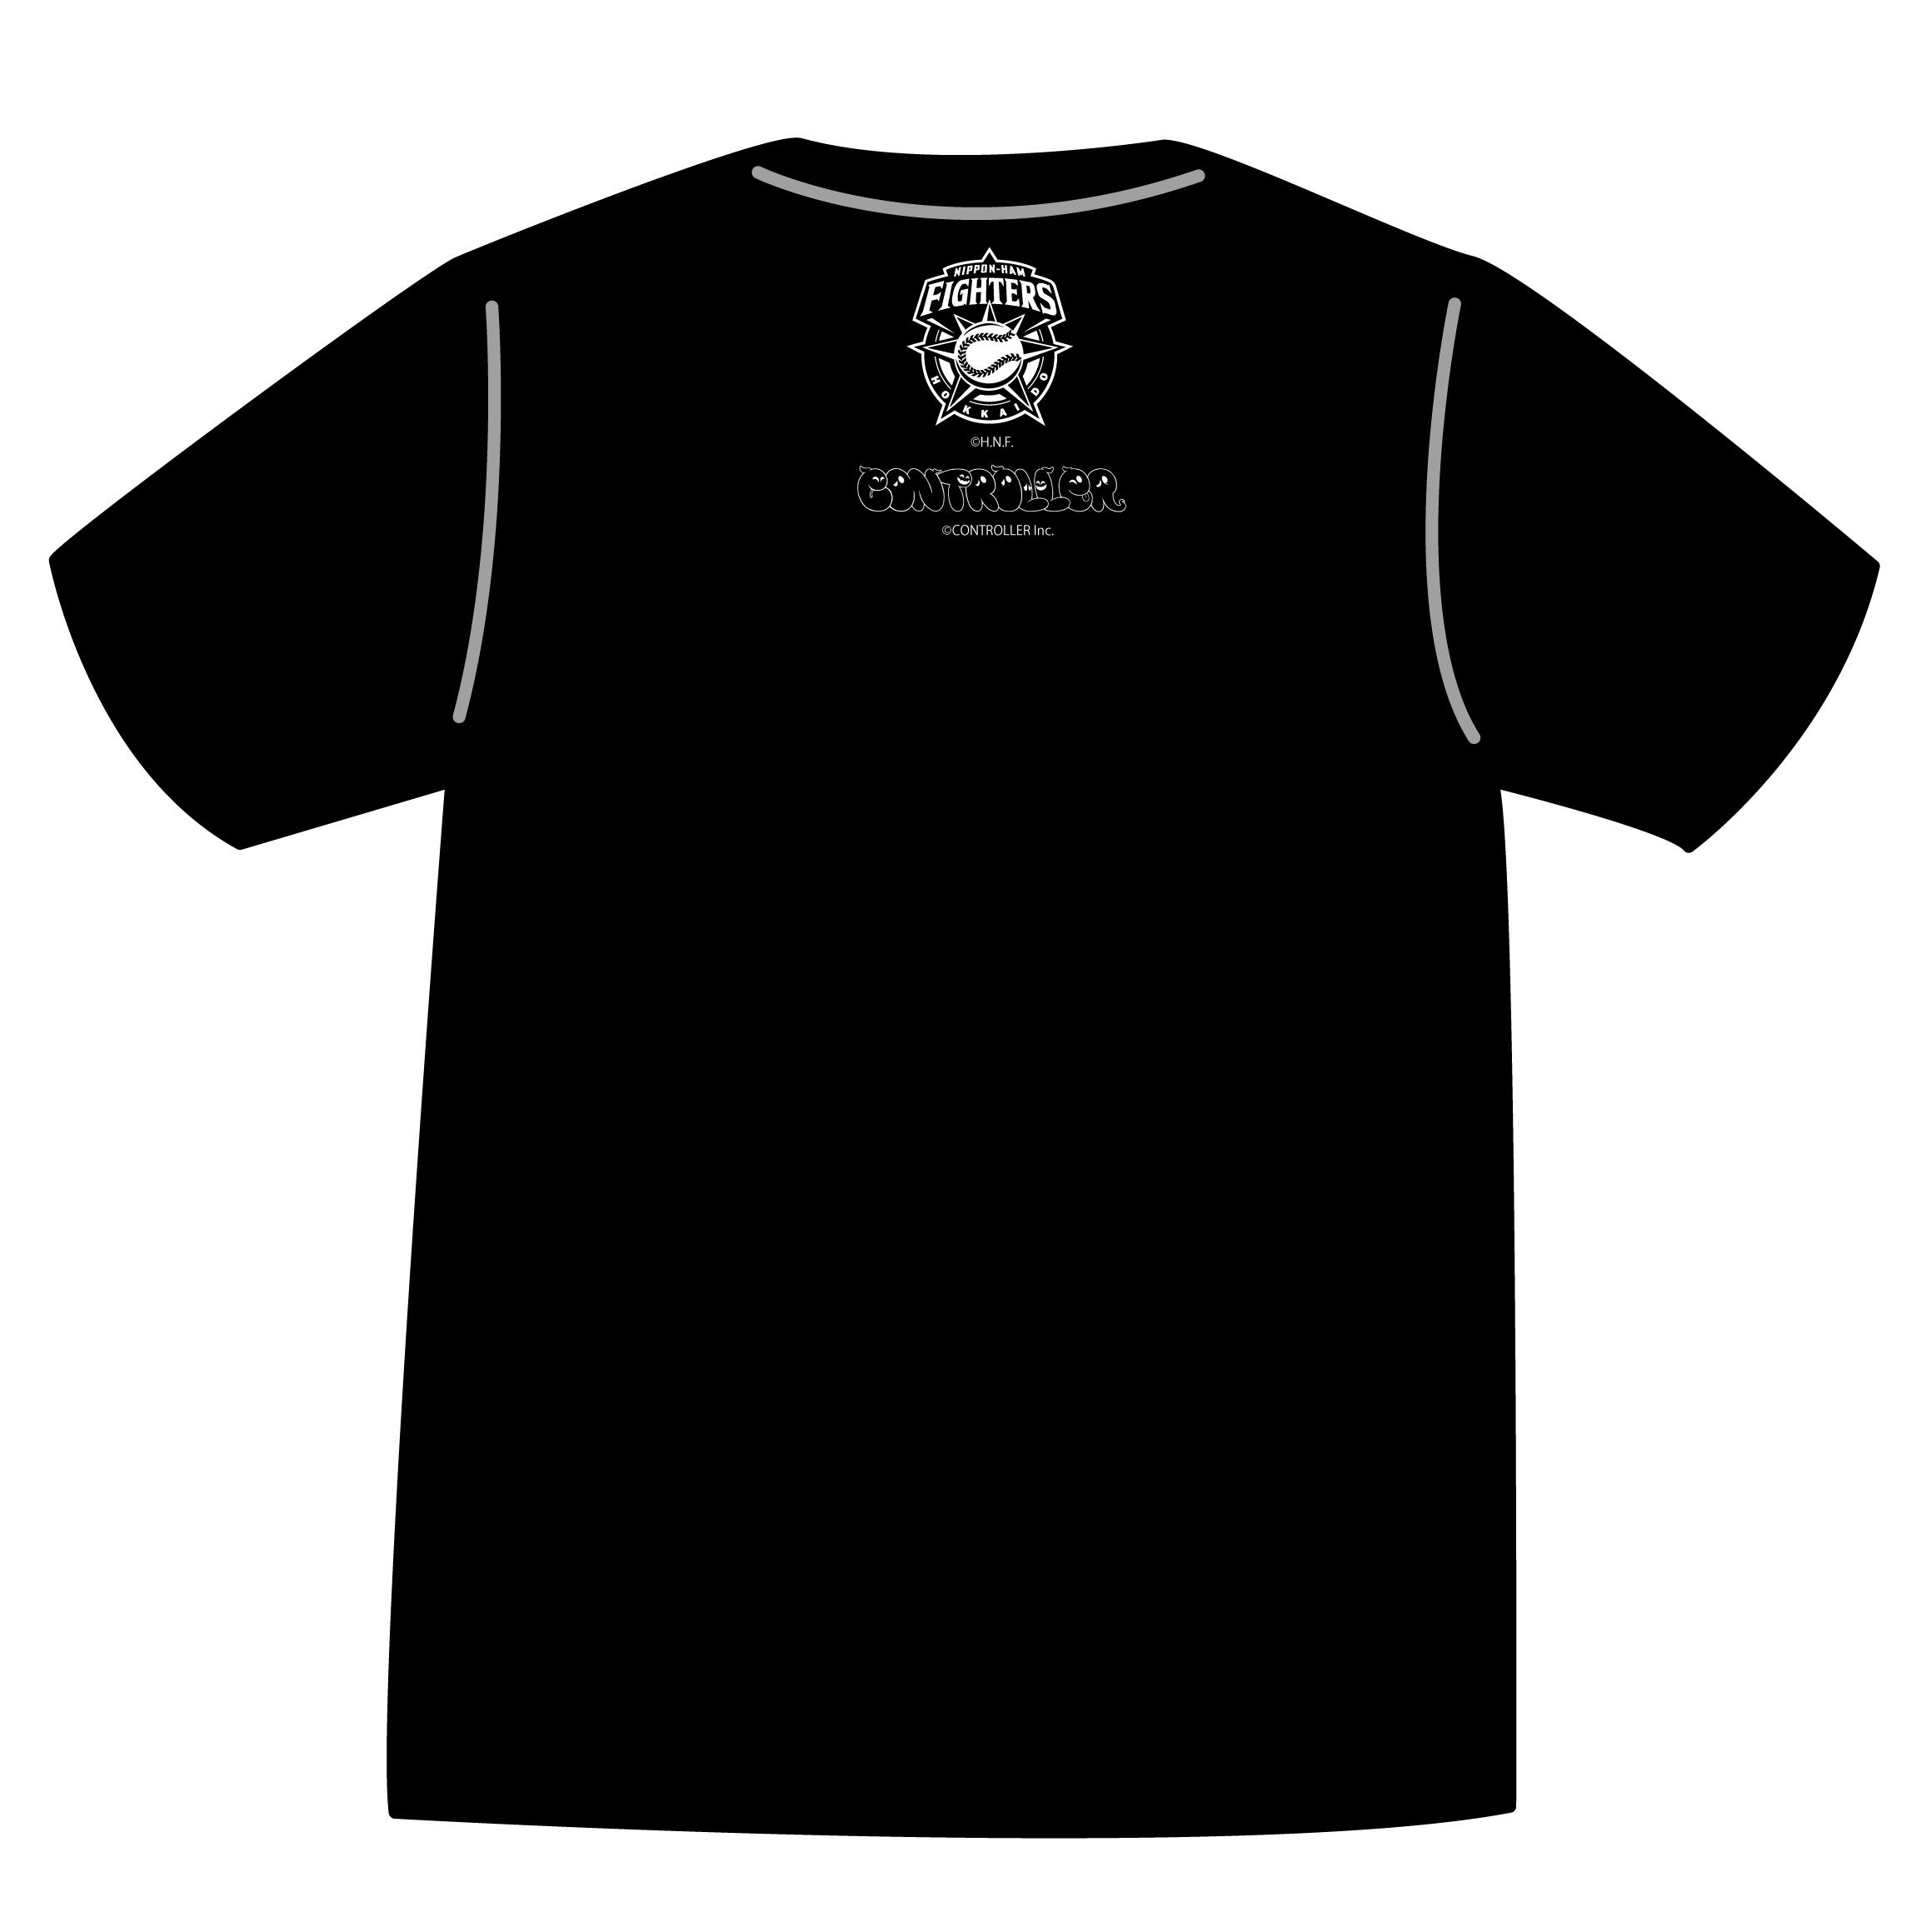 ドットファイターズ 「すぎや」 Tシャツ ブラック